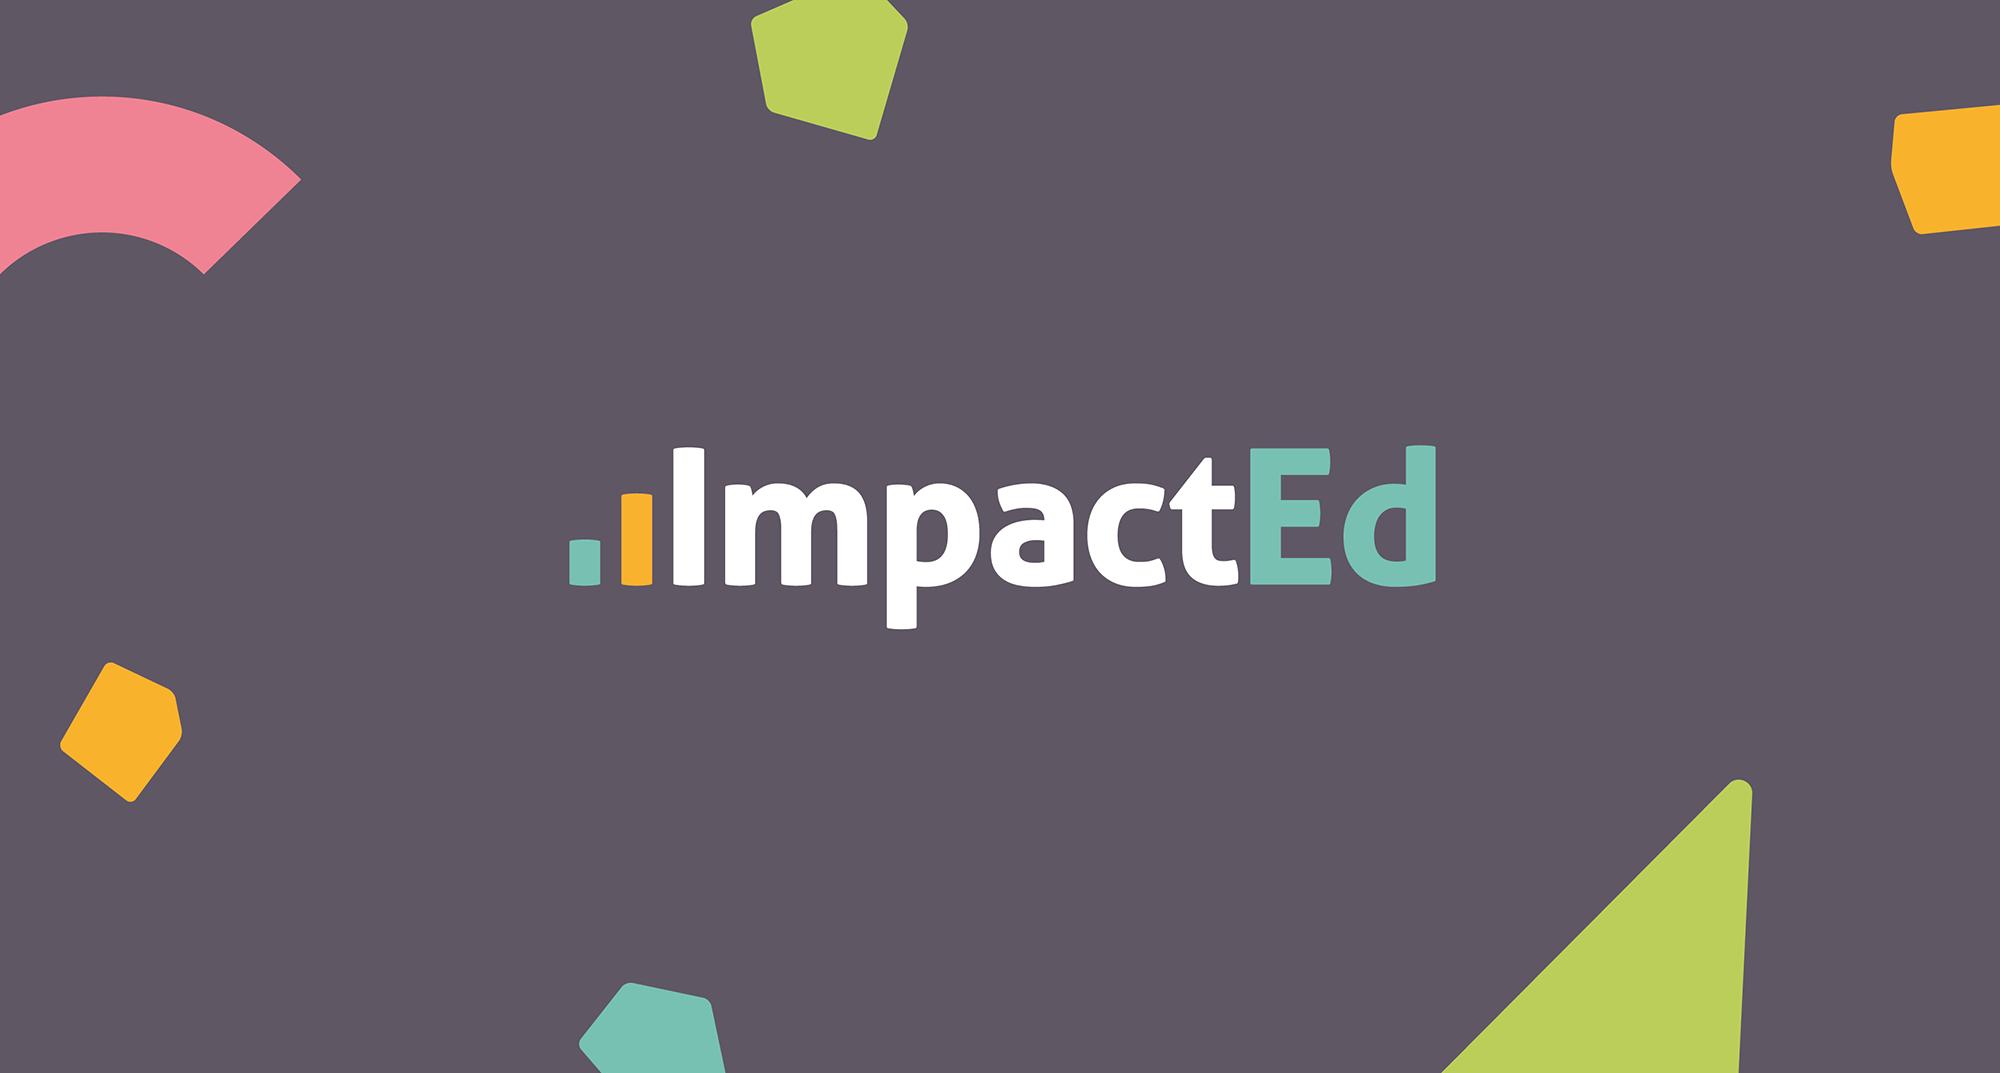 impacted-logo-design